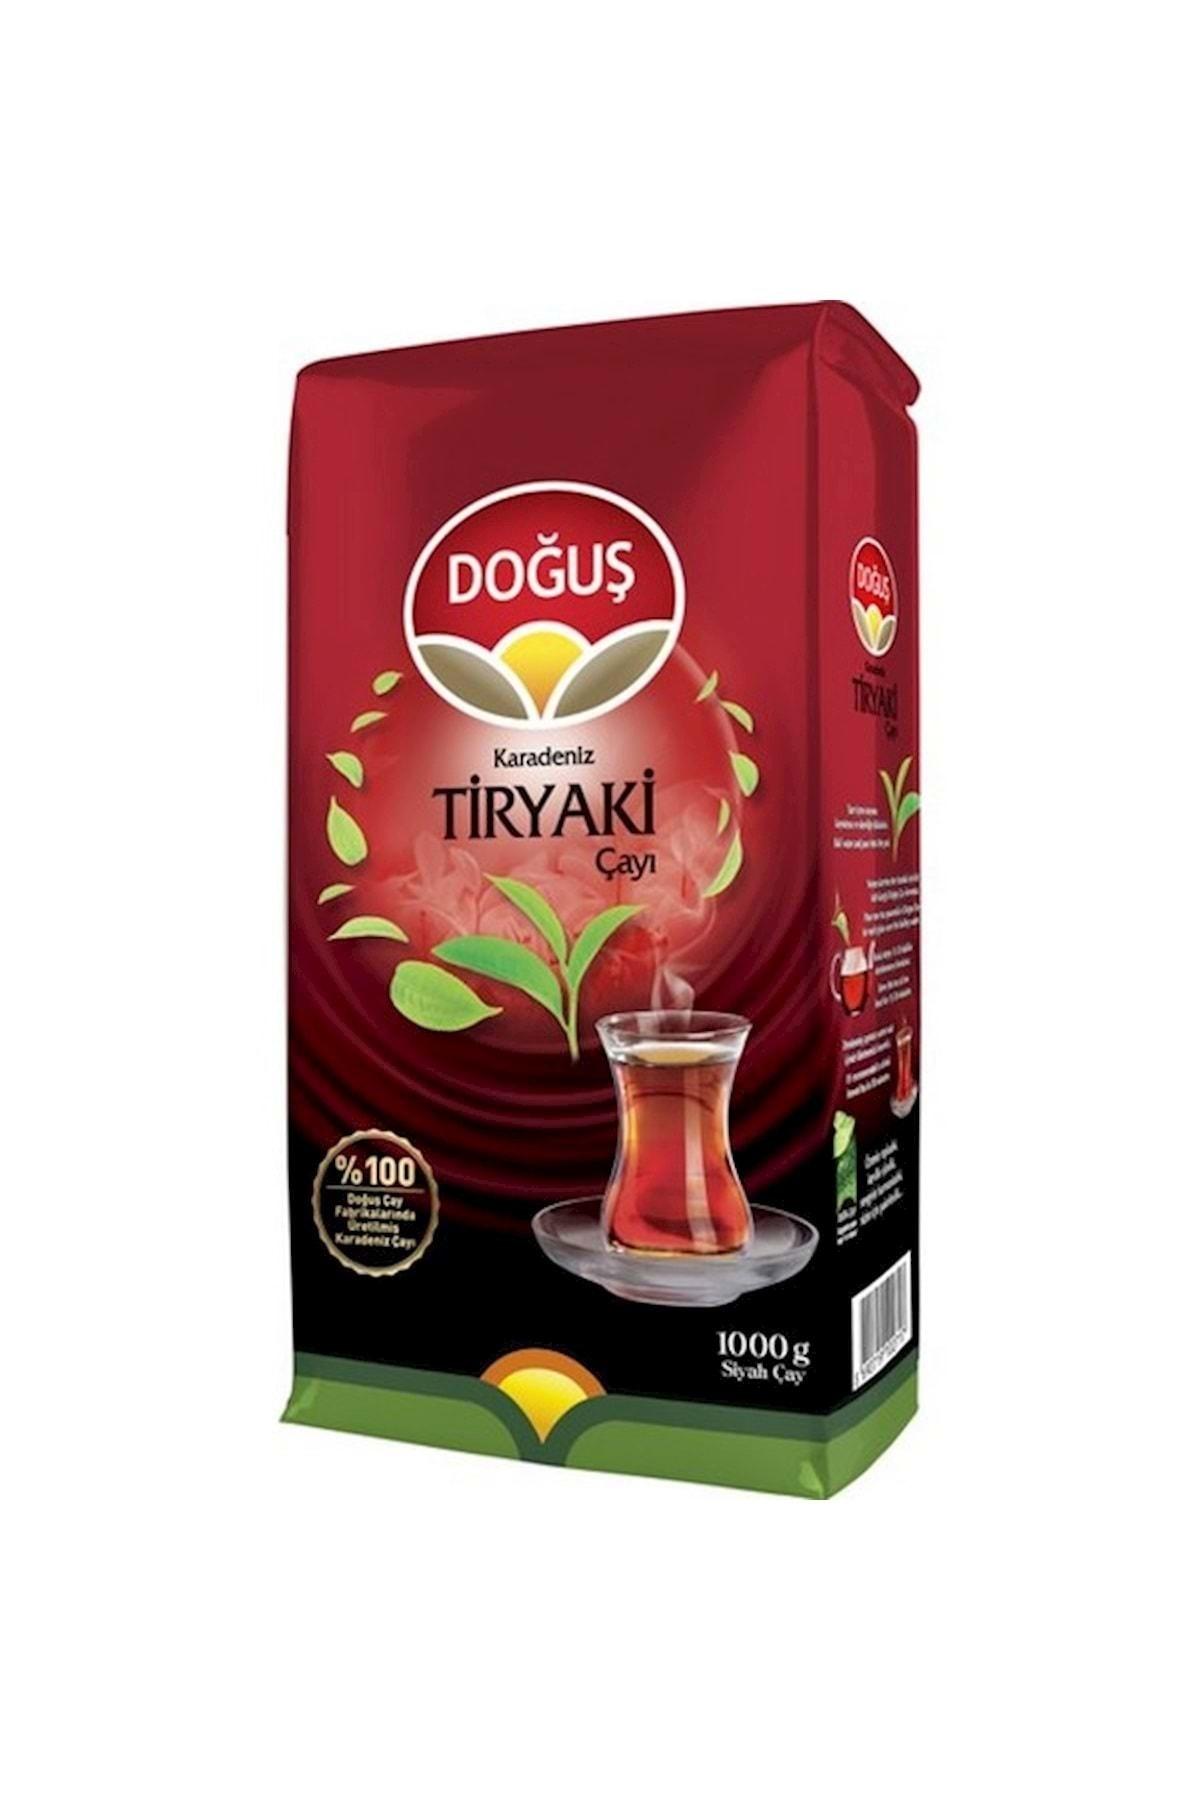 Doğuş Karadeniz Tiryaki Dökme Siyah Çay 1000 gr 2